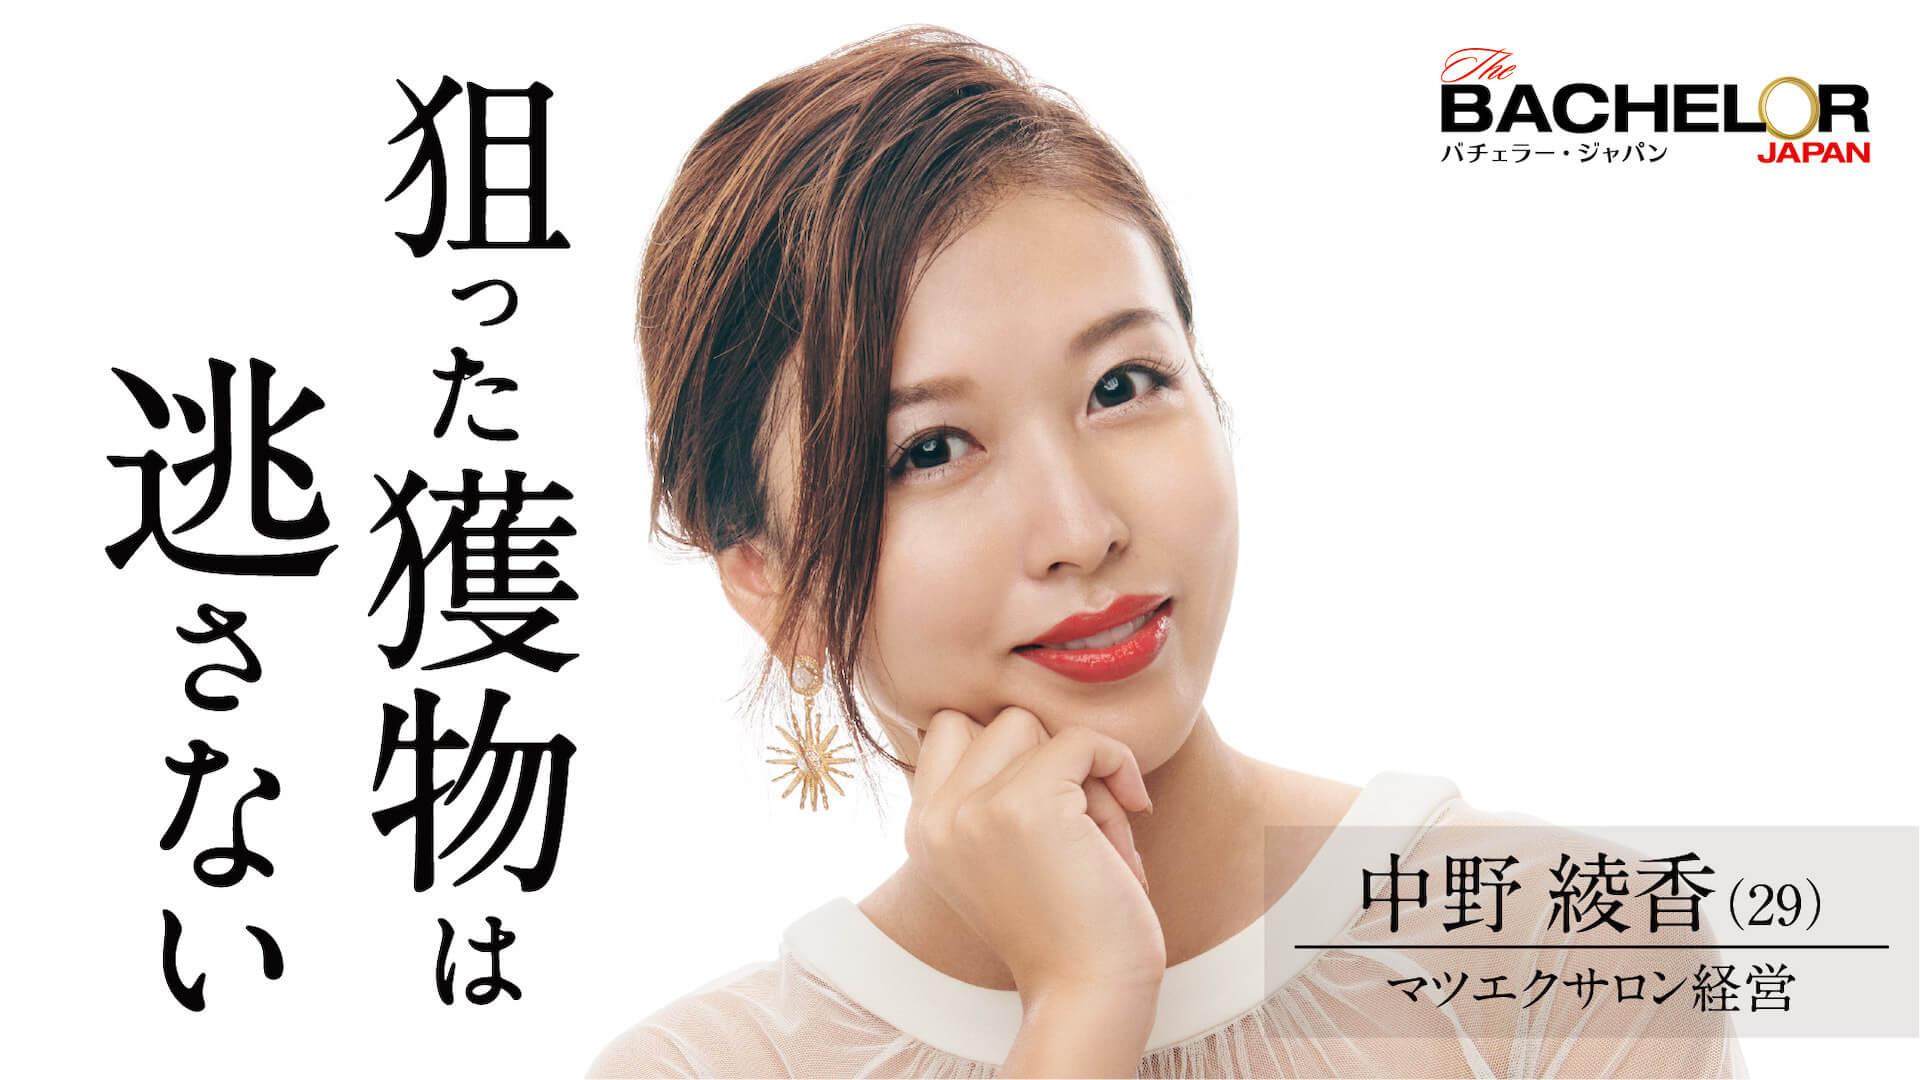 モデル、レディ・ユニバース2020日本代表、医者、経営者など続々登場!『バチェラー・ジャパン』シーズン4の女性参加者15名が一挙発表 art211007_bacelorjapan_12